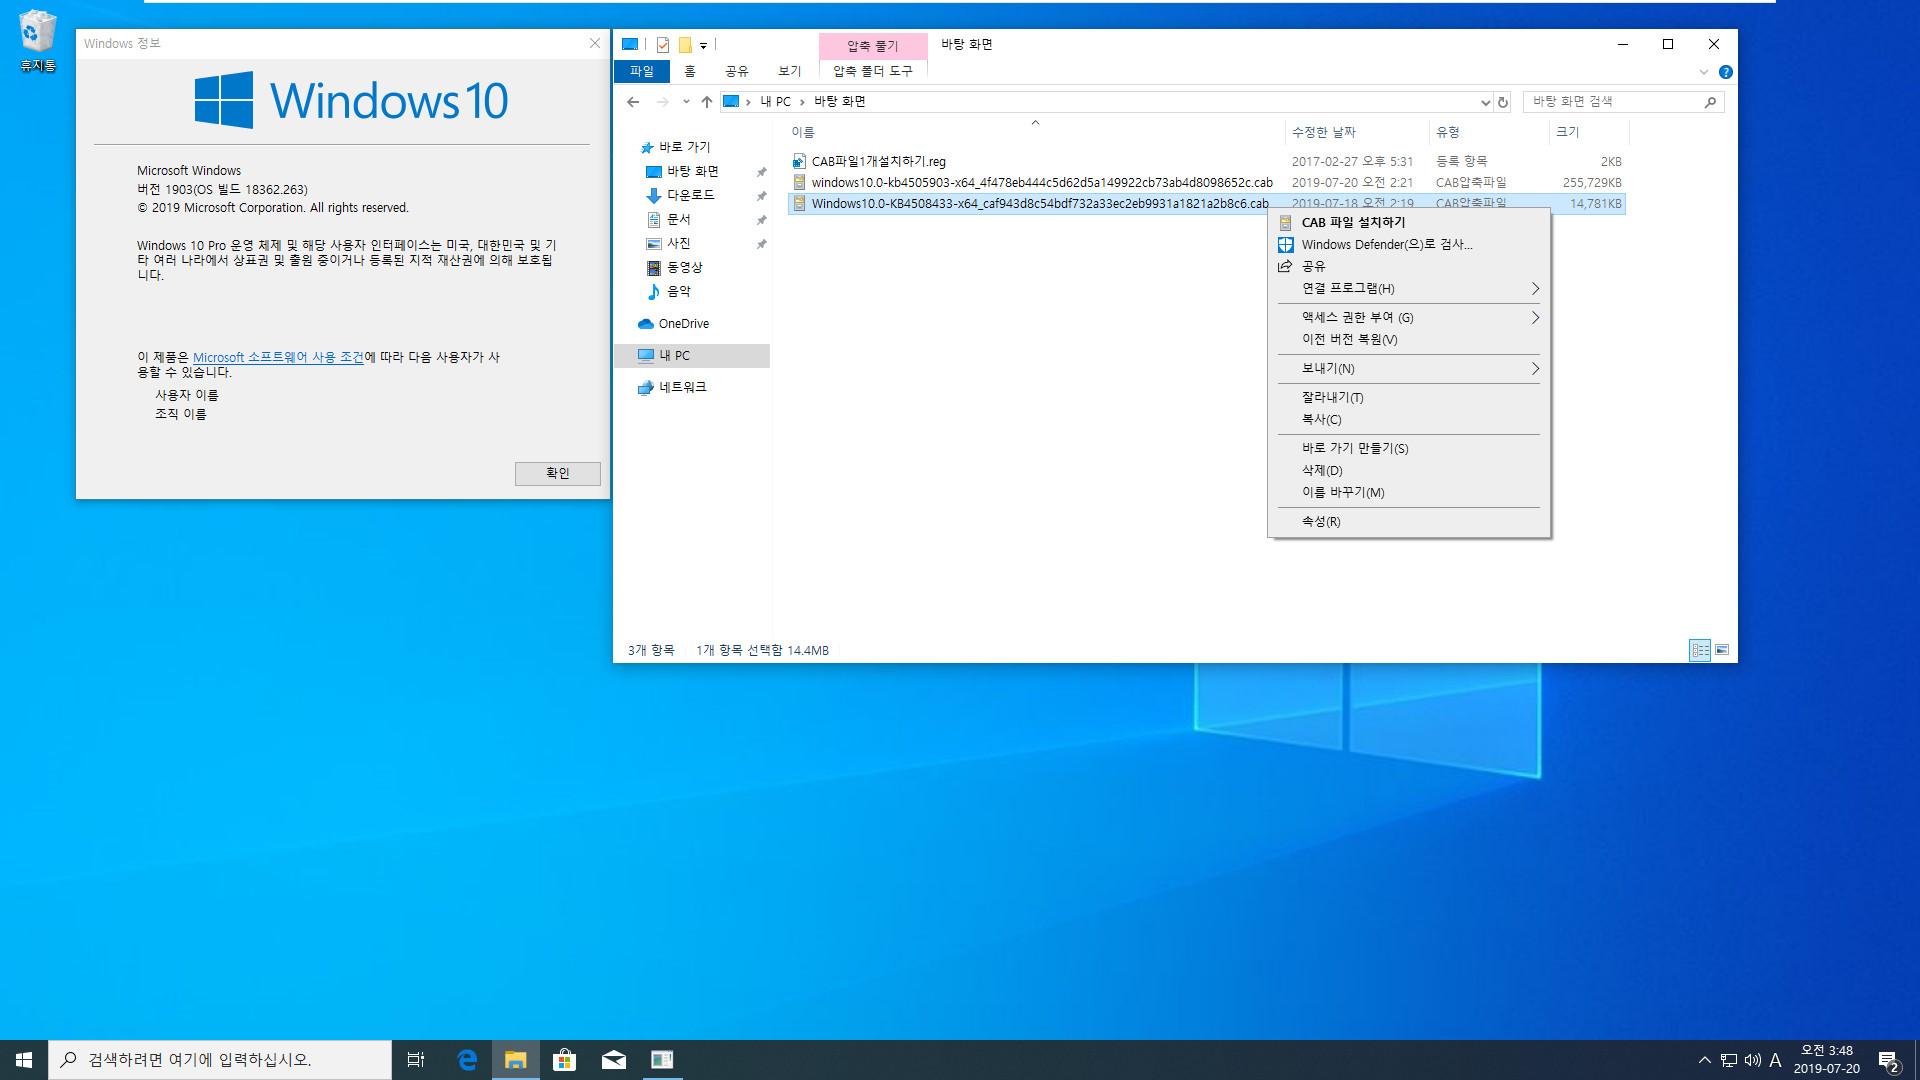 Windows 10 버전 1903 누적 업데이트 KB4505903 (OS 빌드 18362.264) [2019-07-19 일자] - 인사이더 프리뷰용 - 나왔네요. vmware에 설치 테스트 2019-07-20_034844.jpg